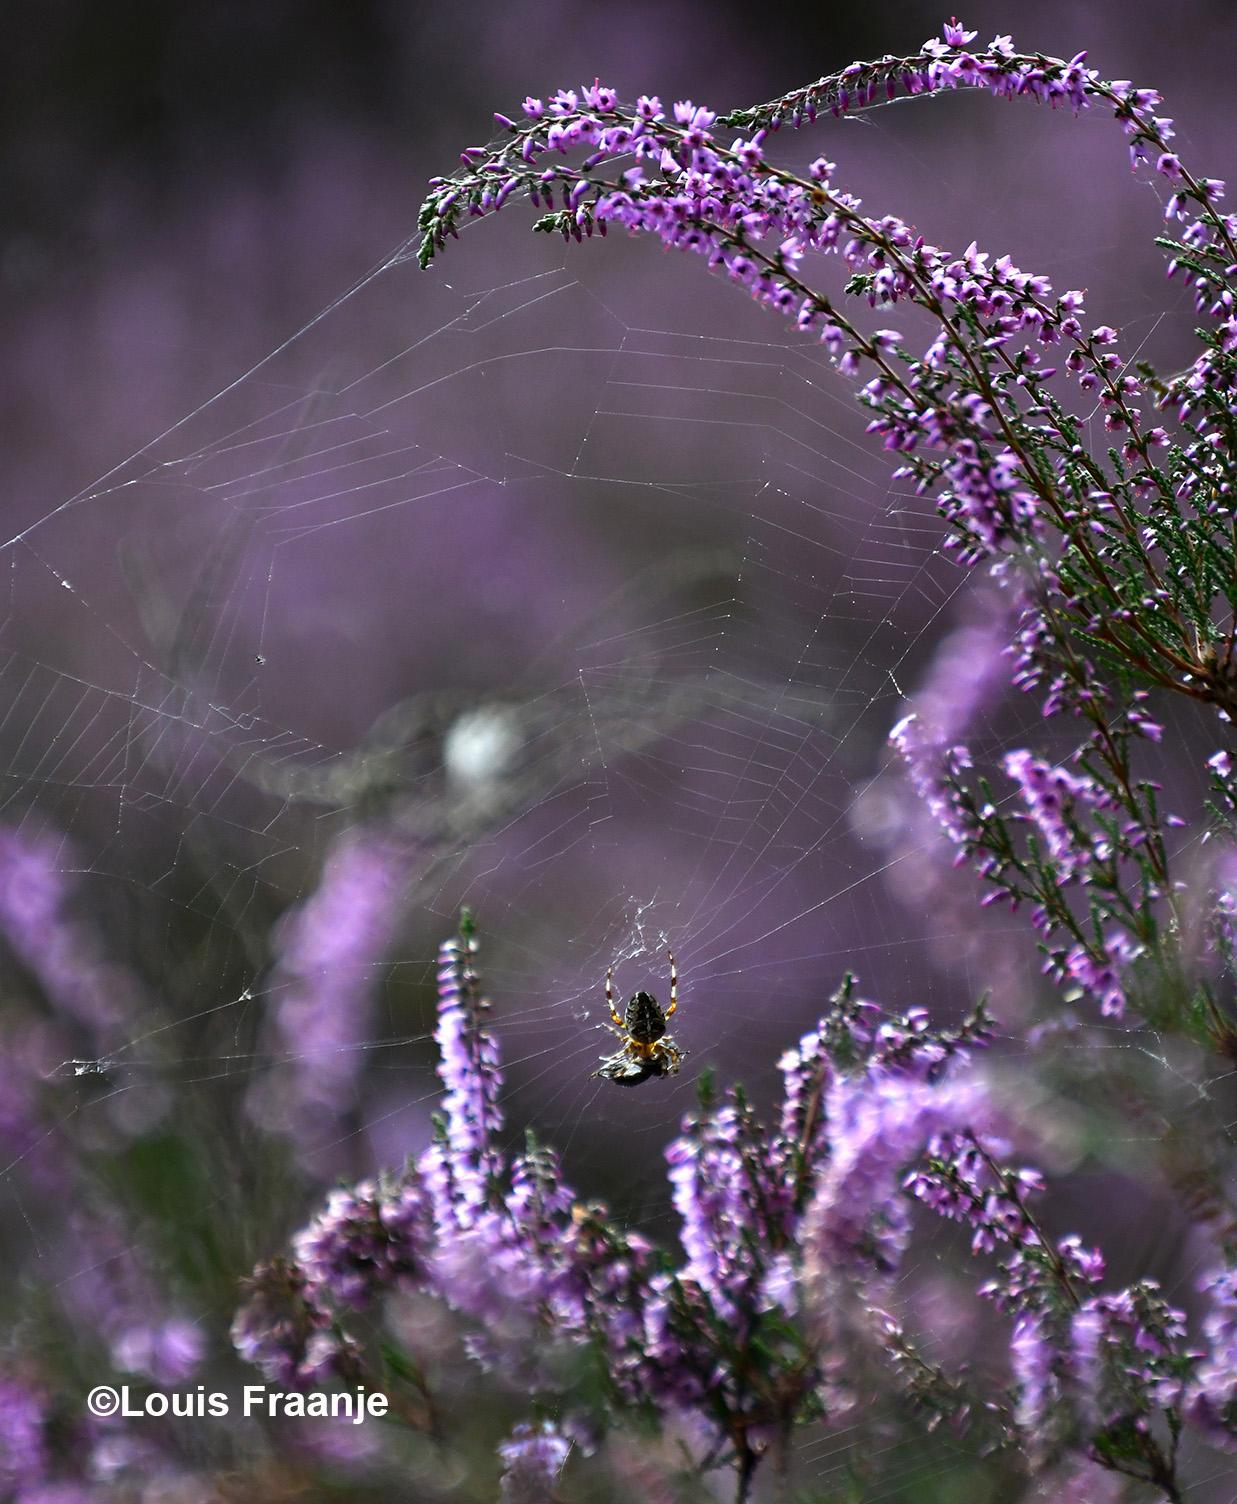 De honingbij wordt - letterlijk en figuurlijk - helemaal ingepakt door de kruisspin - Foto: ©Louis Fraanje